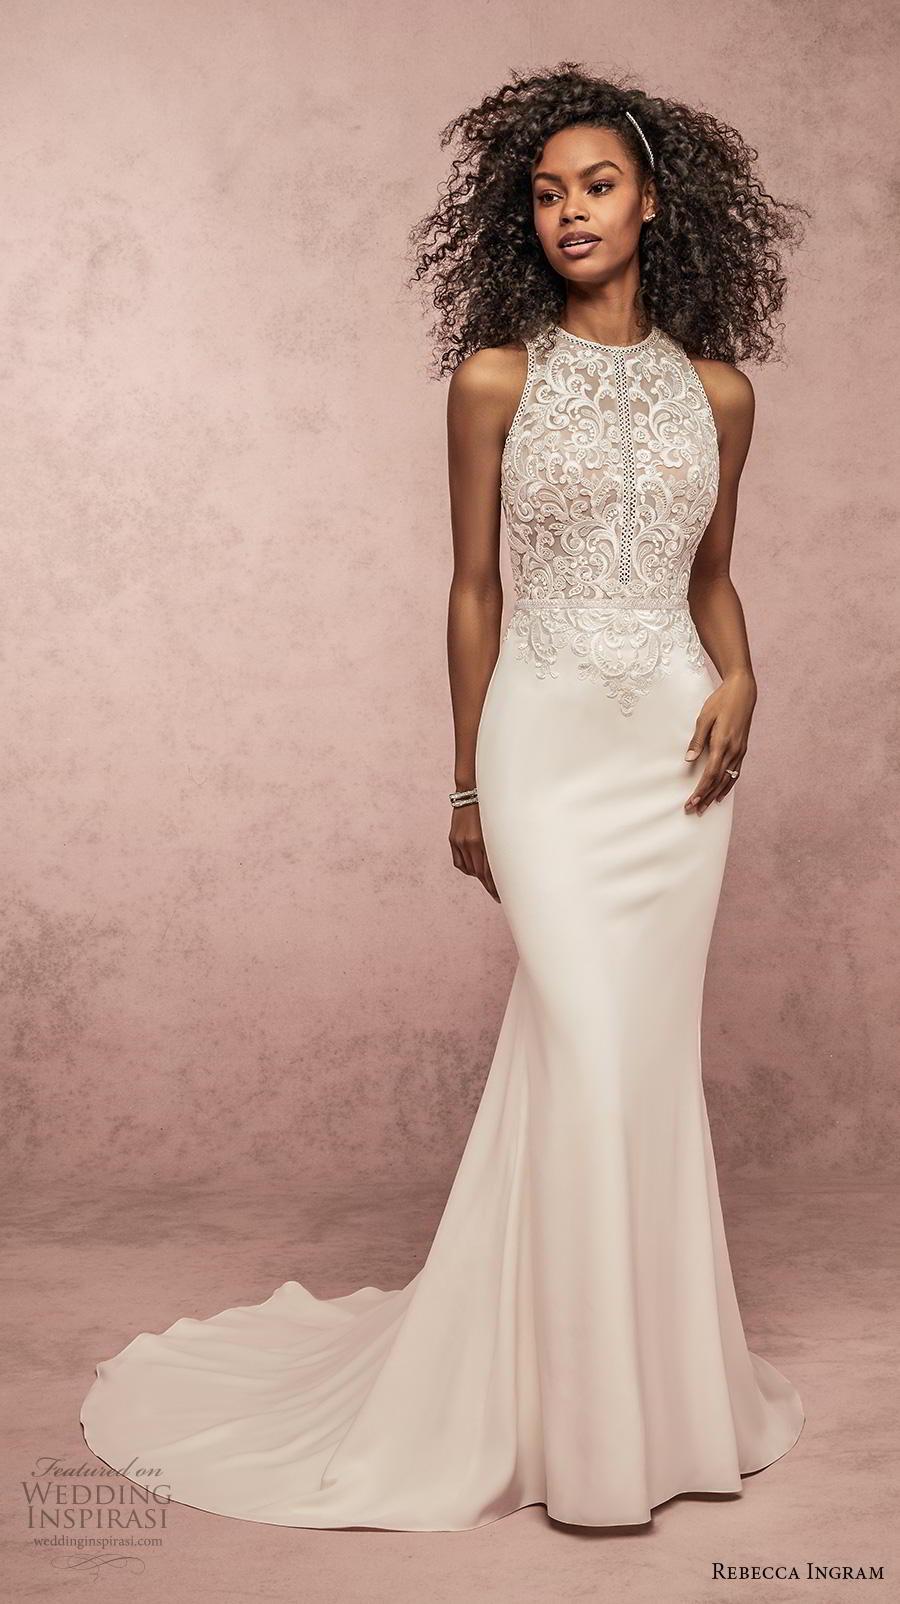 rebecca ingram s2019 bridal sleeveless halter neck heavily embellished bodice elegant fit and flare sheath wedding dress keyhole back medium train (14) mv